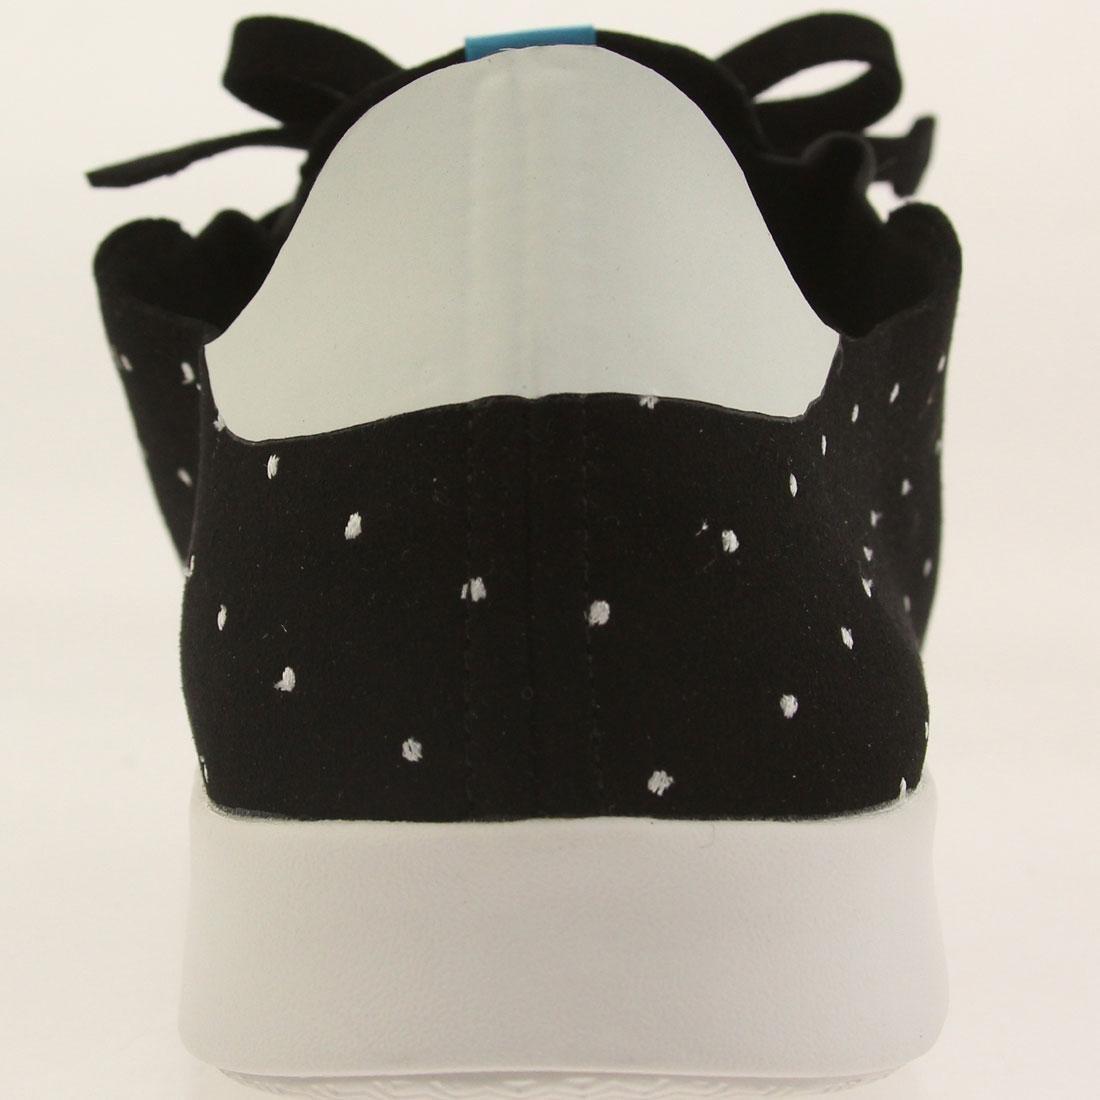 new product 2c9db 0a0d3 ... Native Unisex Apollo Apollo Apollo Moc Fashion Sneaker. B011PLLA88 13  B(M) US